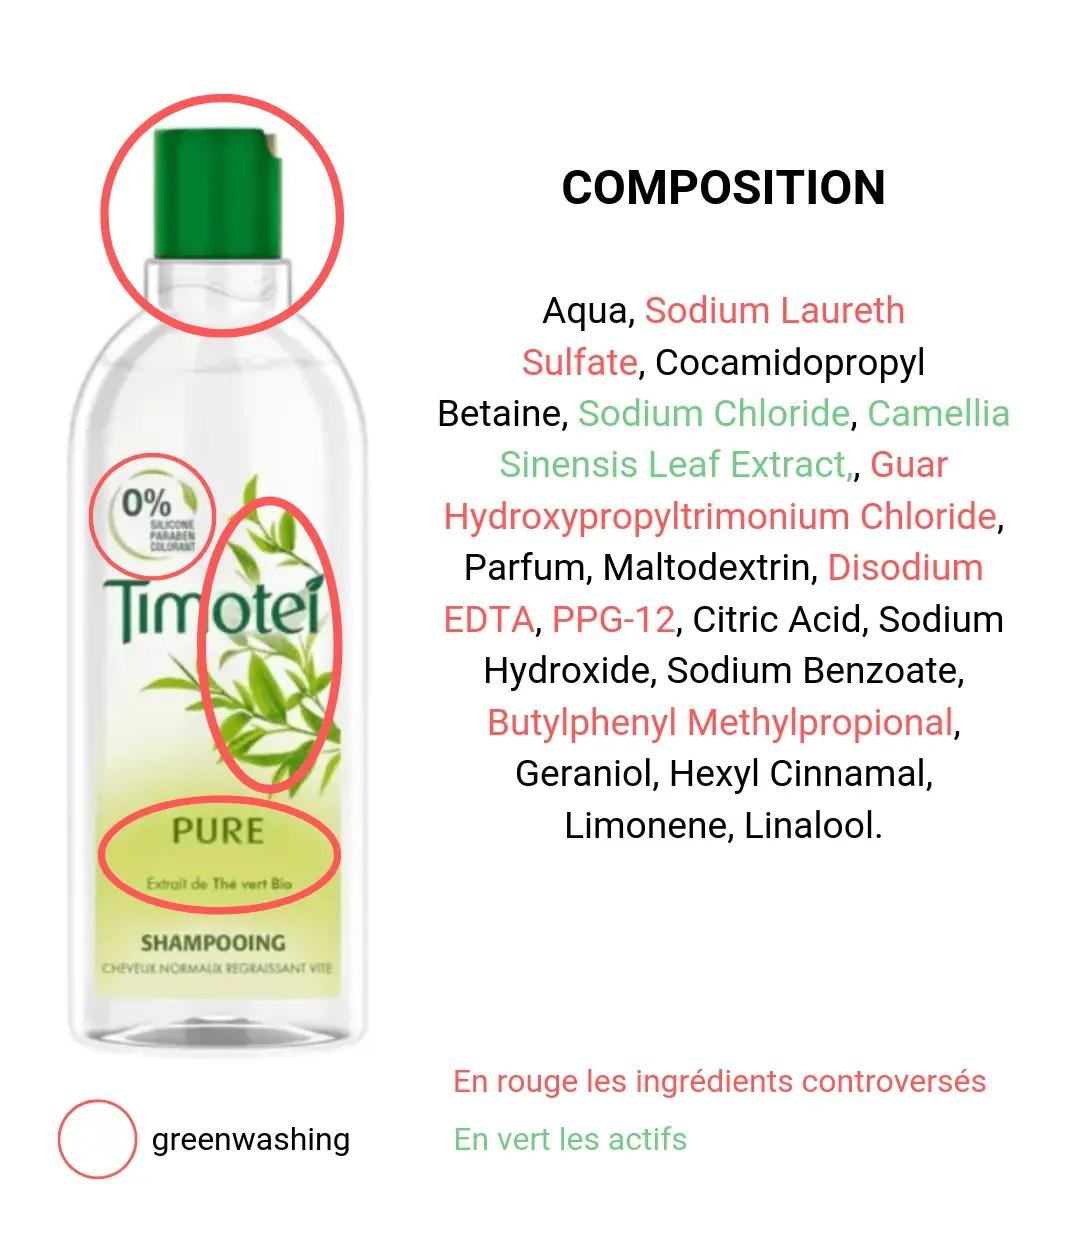 Le greenwashing est une technique utilisée par les industriels pour faire croire qu'un produit est naturel alors qu'il ne l'est pas.